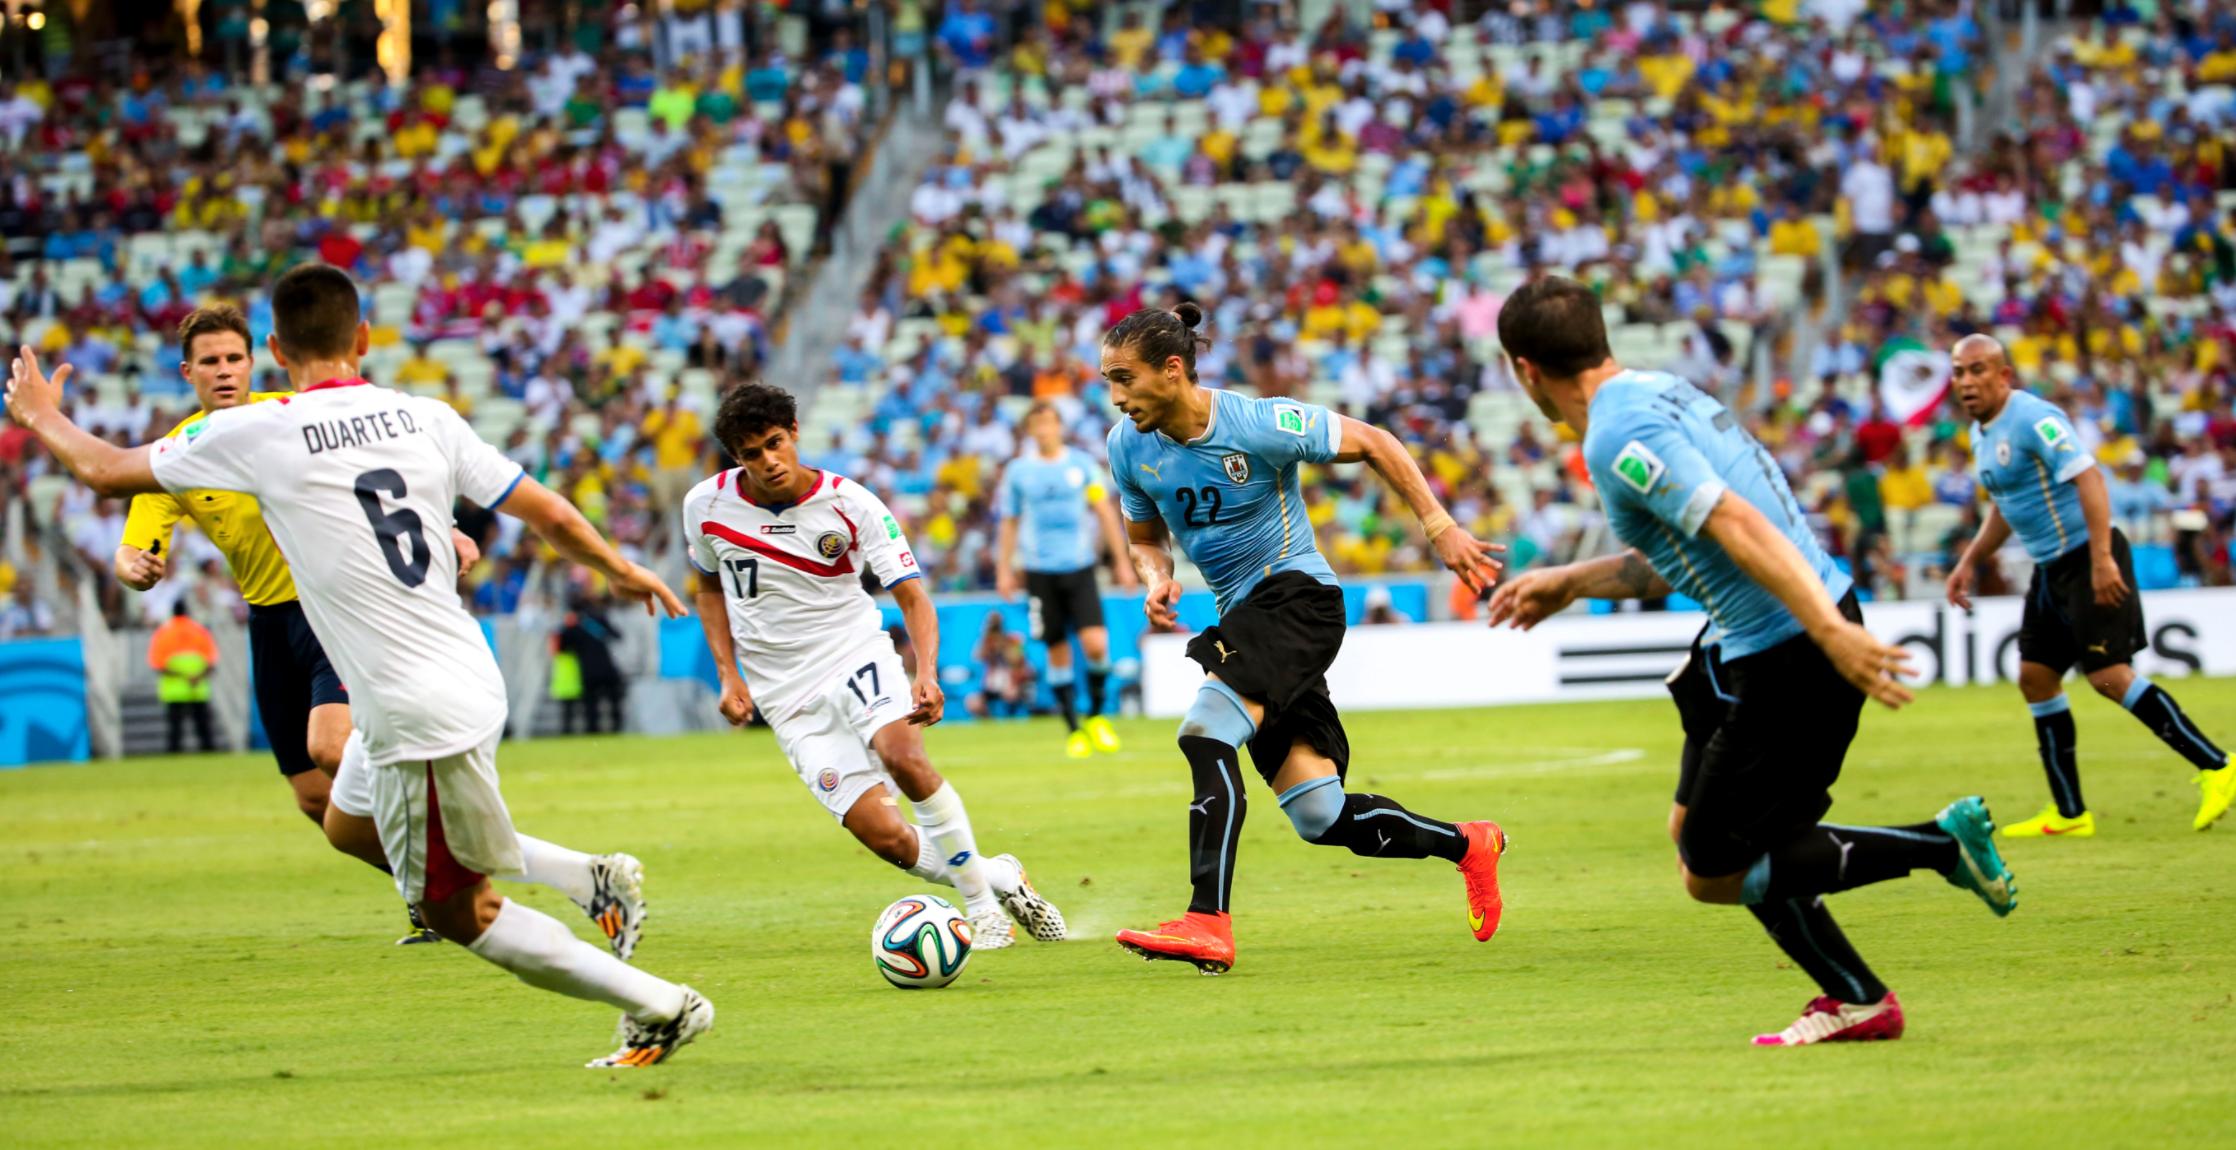 El fútbol según Eduardo Galeano